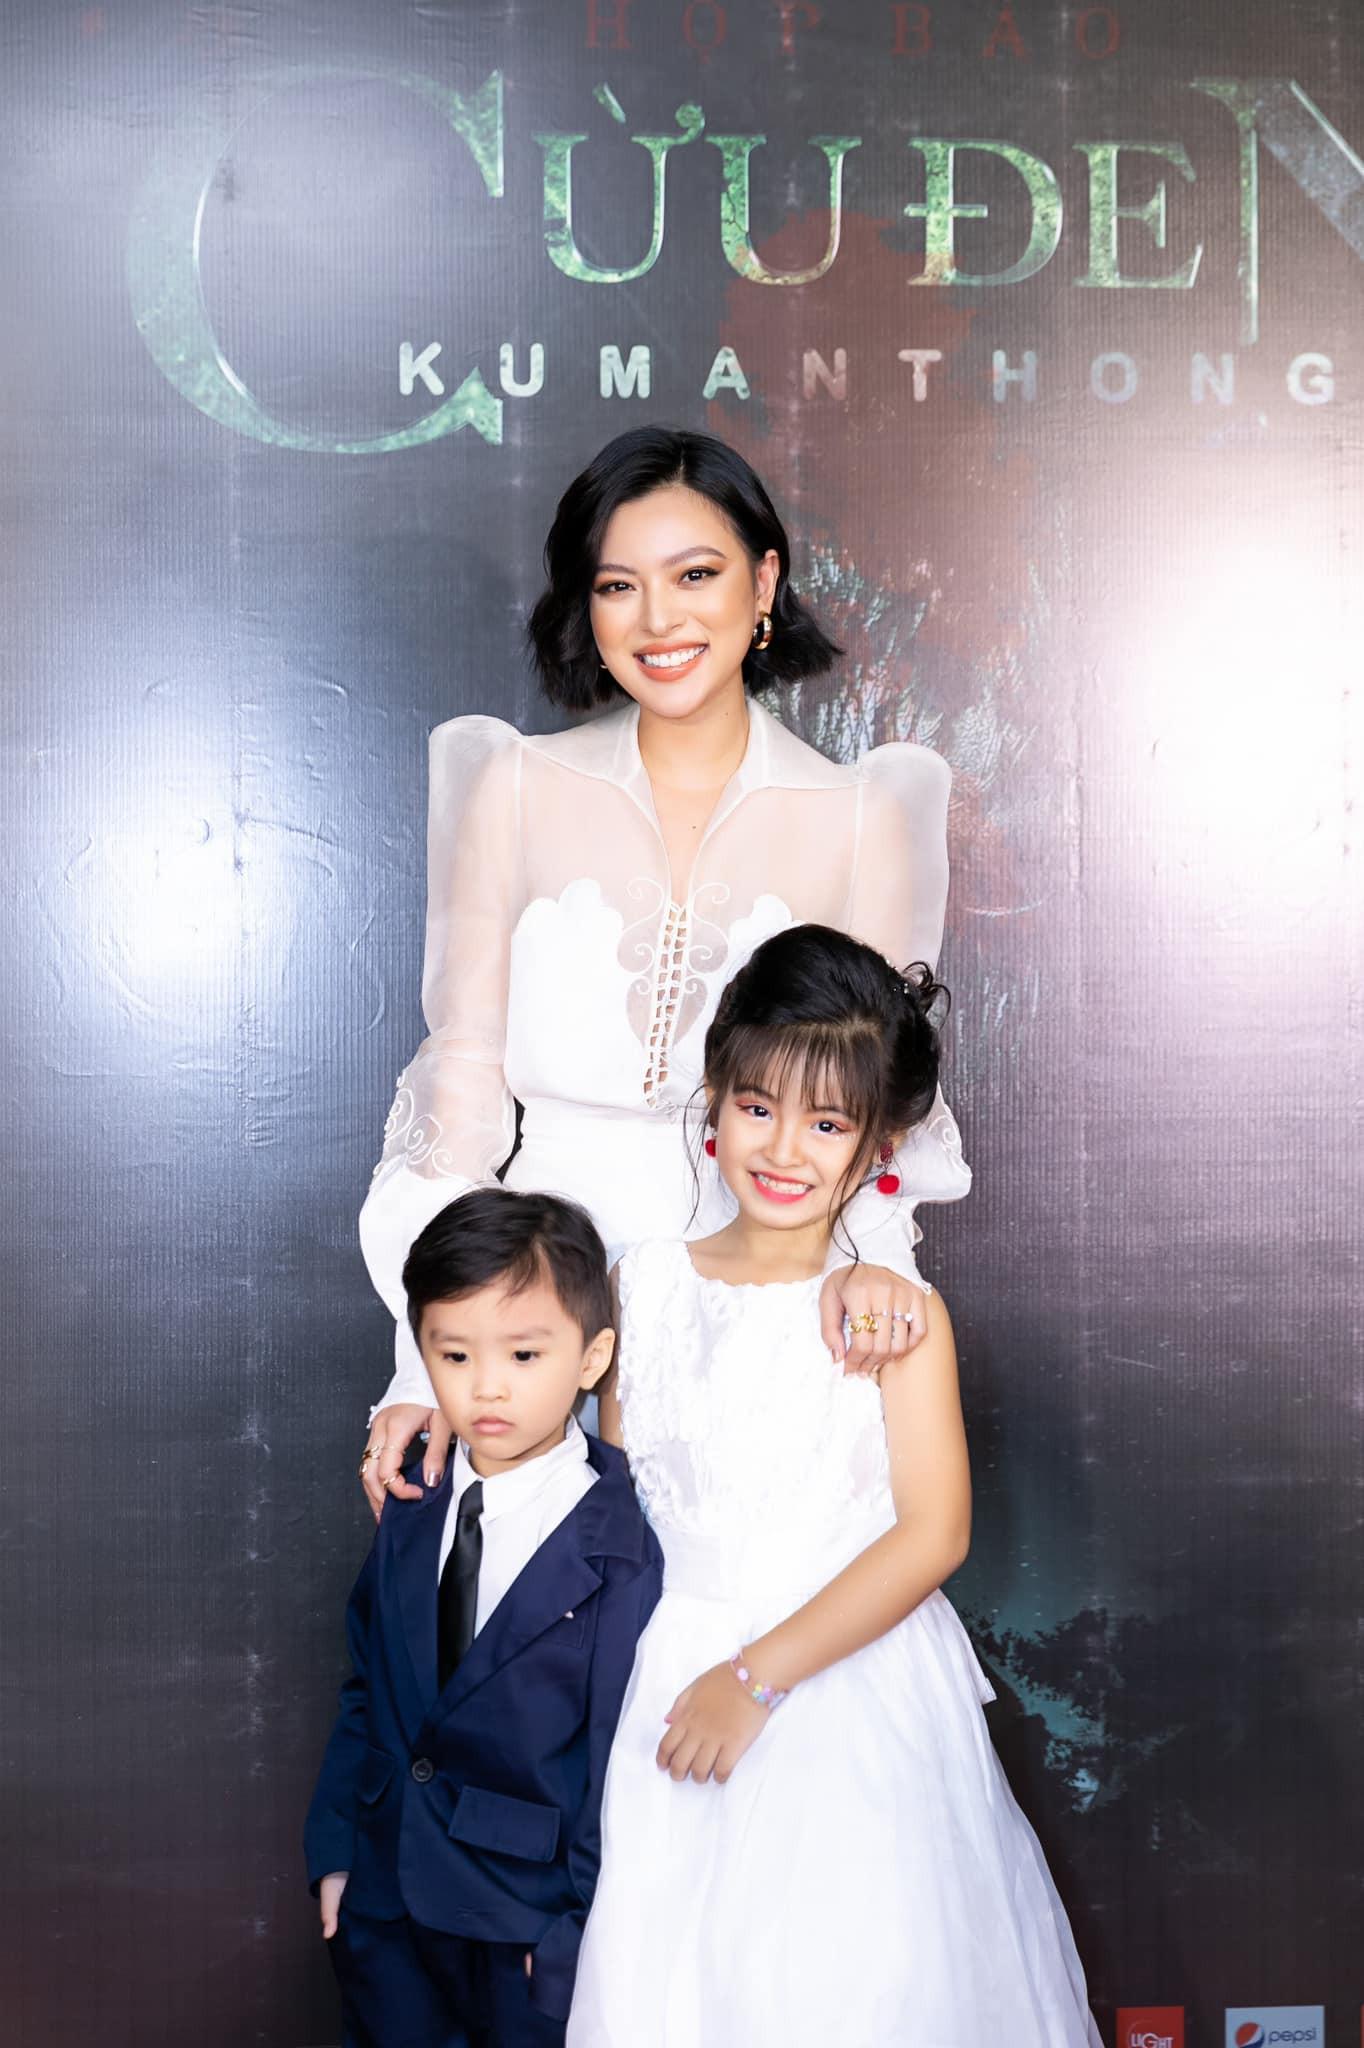 Hậu trường phim Kumathong: Tú Hảo sợ đi toilet vì xuất hiện nhiều điều rùng rợn trong biệt thự  - Ảnh 6.